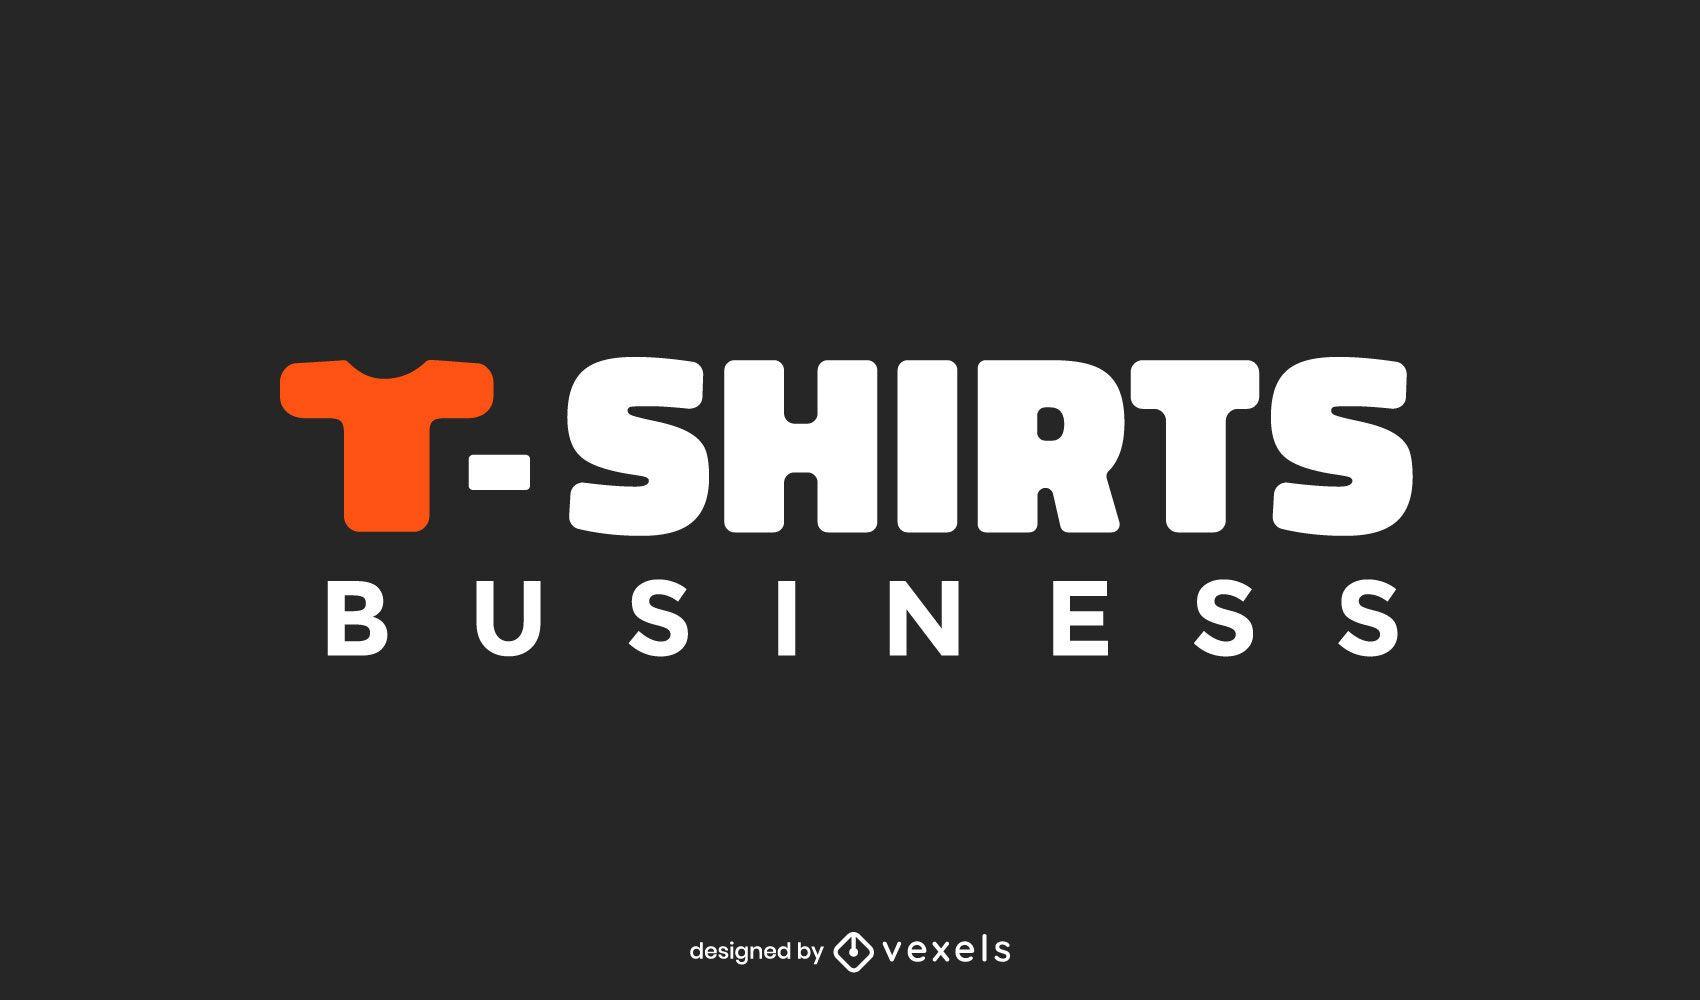 T-shirt business logo design